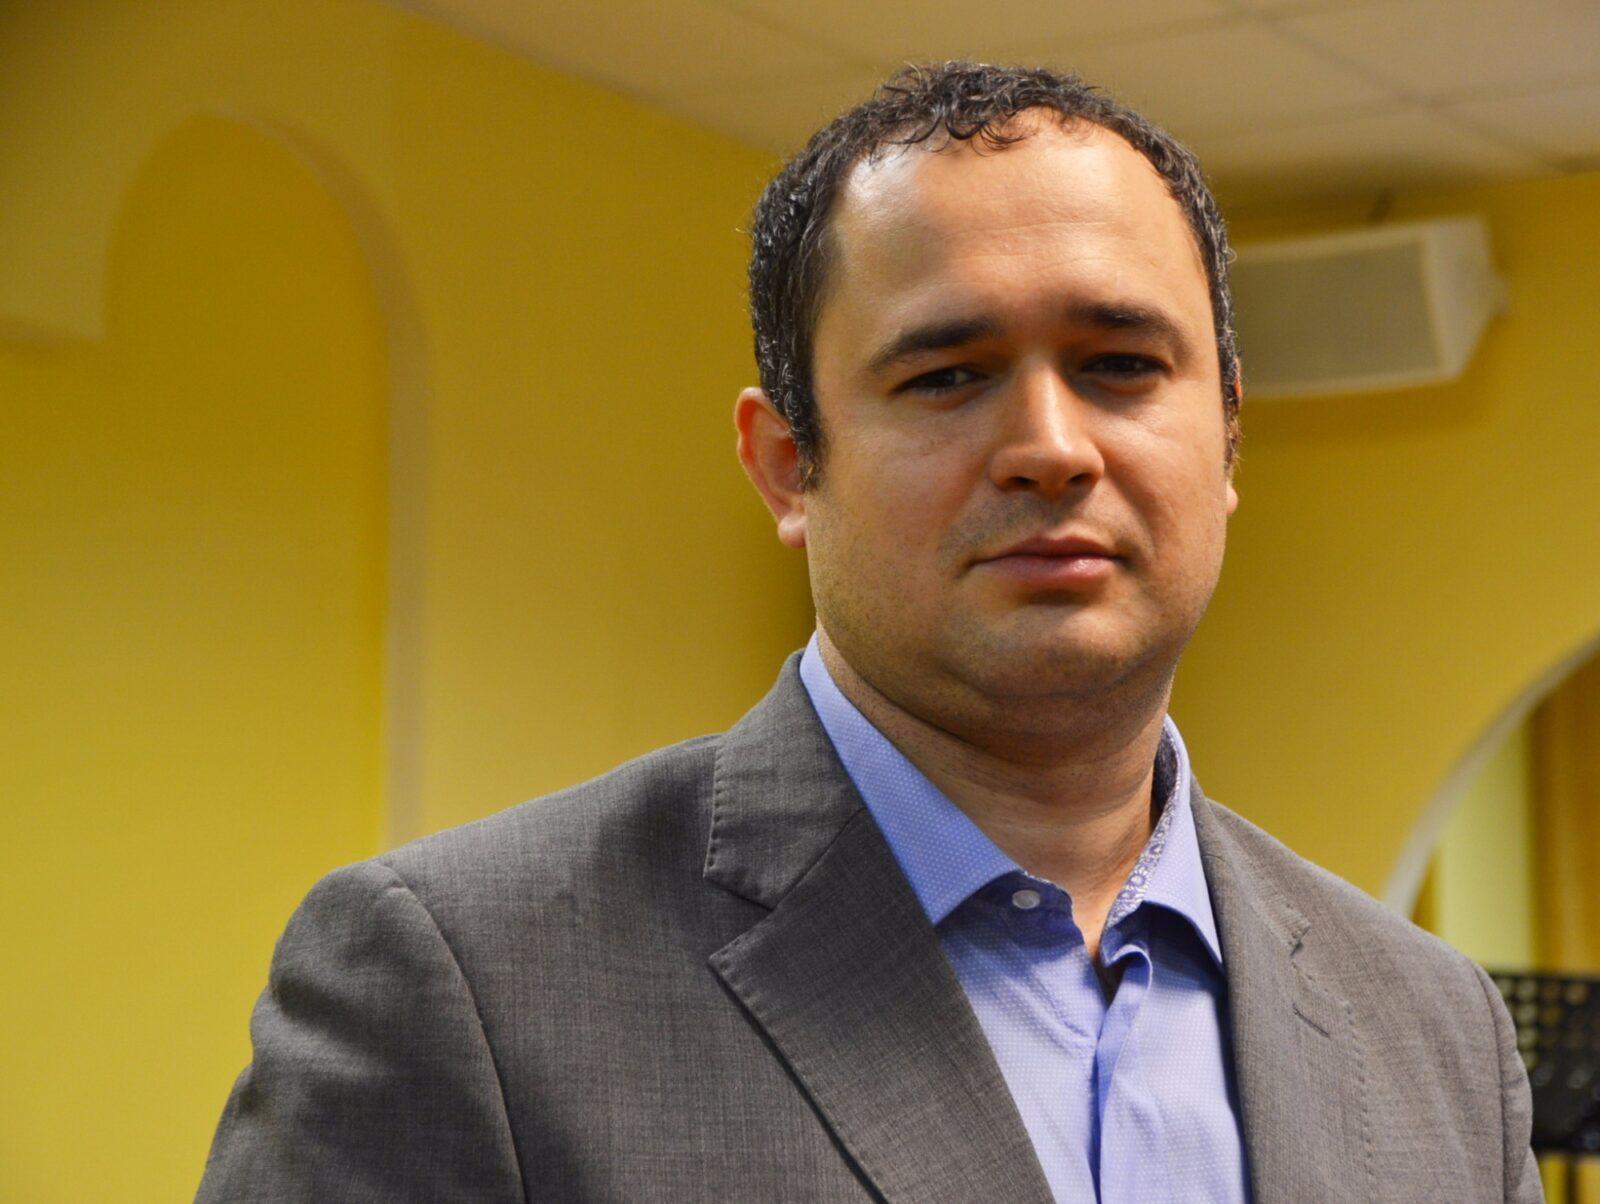 Дмитрий Гуменюк: Центр «Мой бизнес» должен стать в хорошем смысле слова тусовочной площадкой